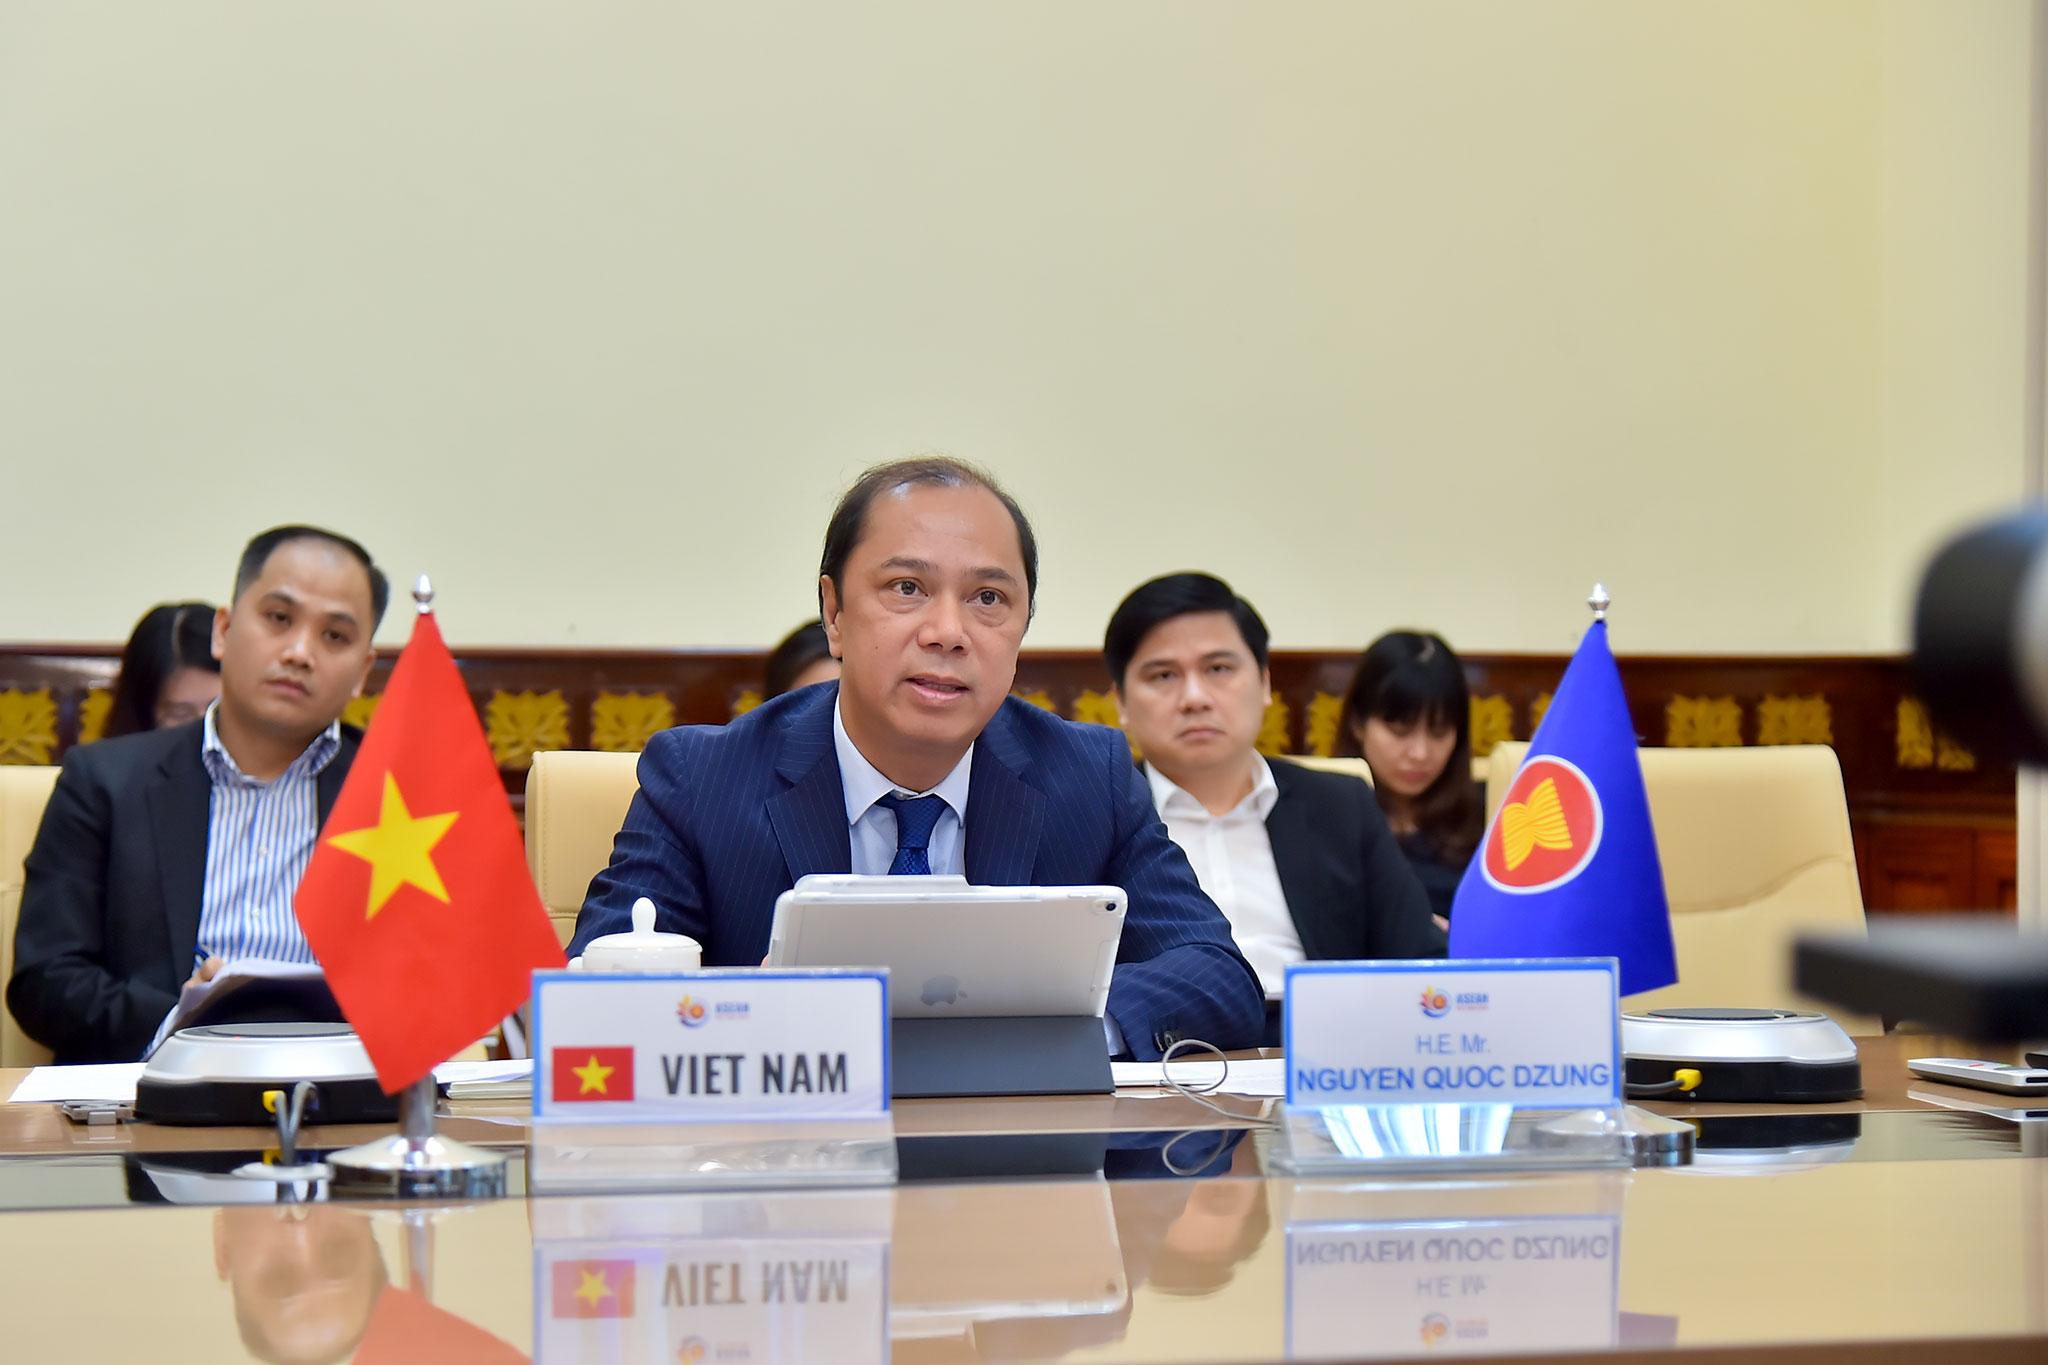 Các quan chức cao cấp ASEAN họp trực tuyến